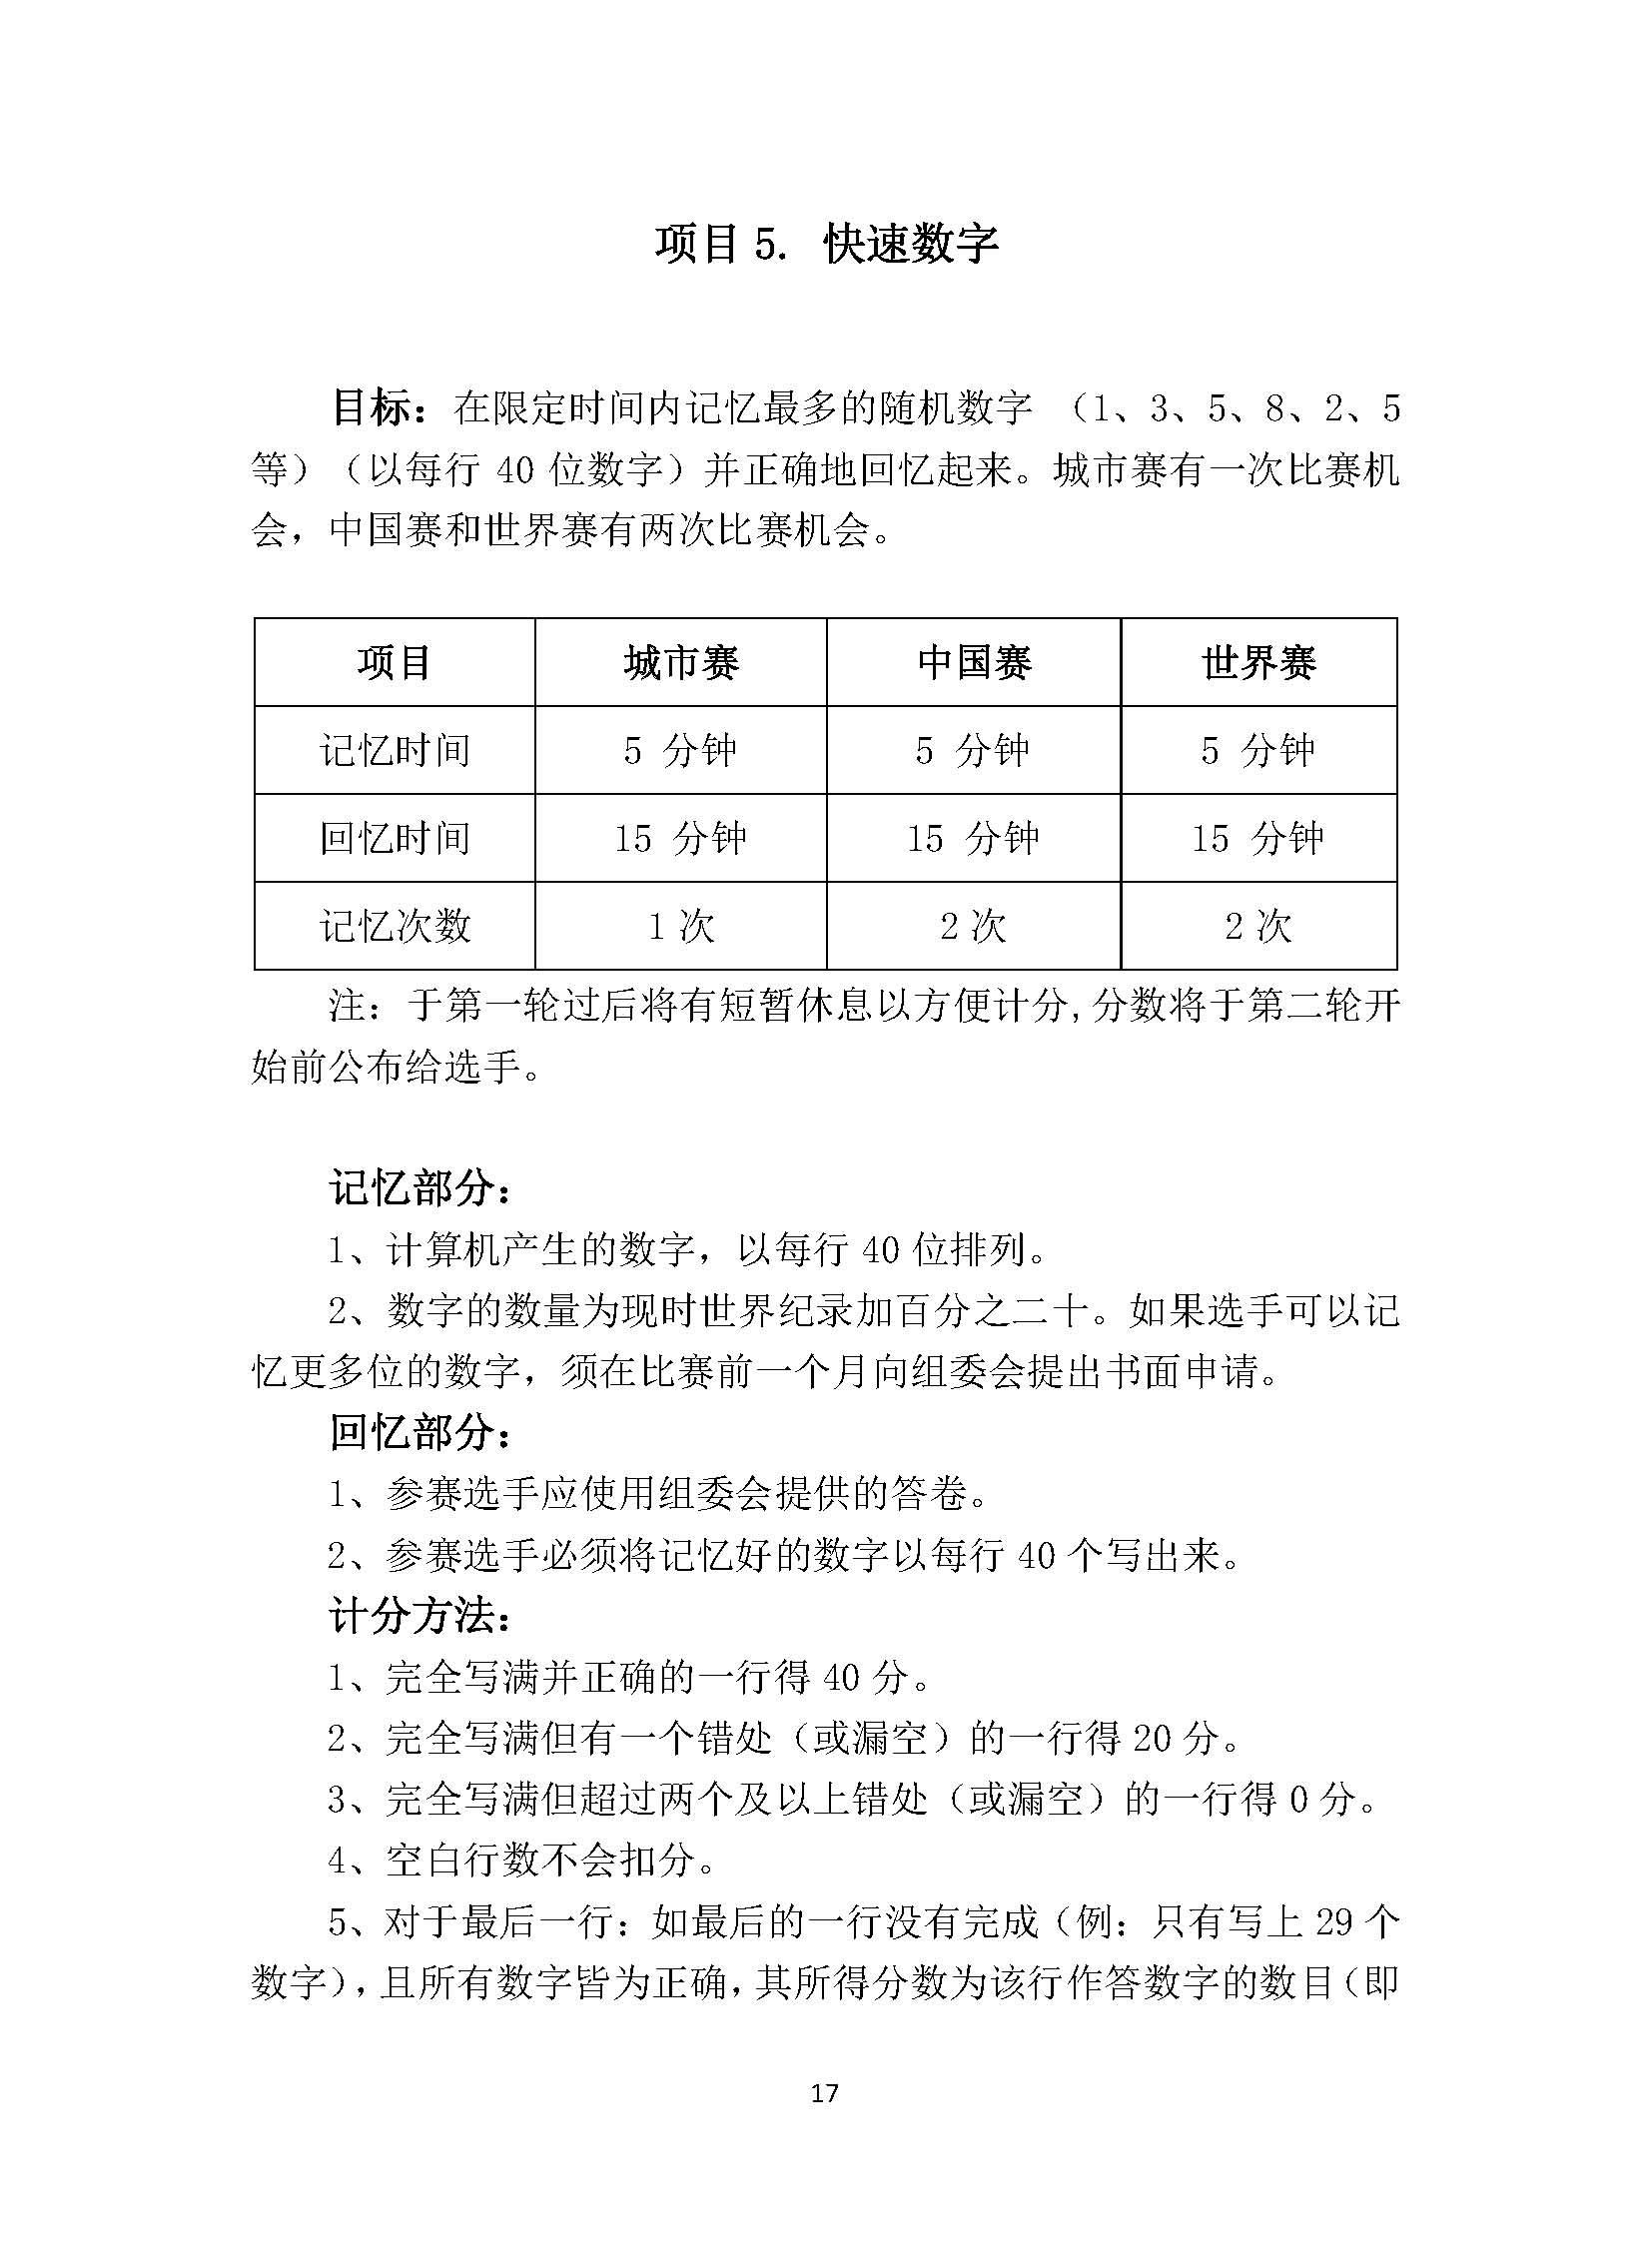 2019WMC选手训练手册-十大项目规则_页面_17